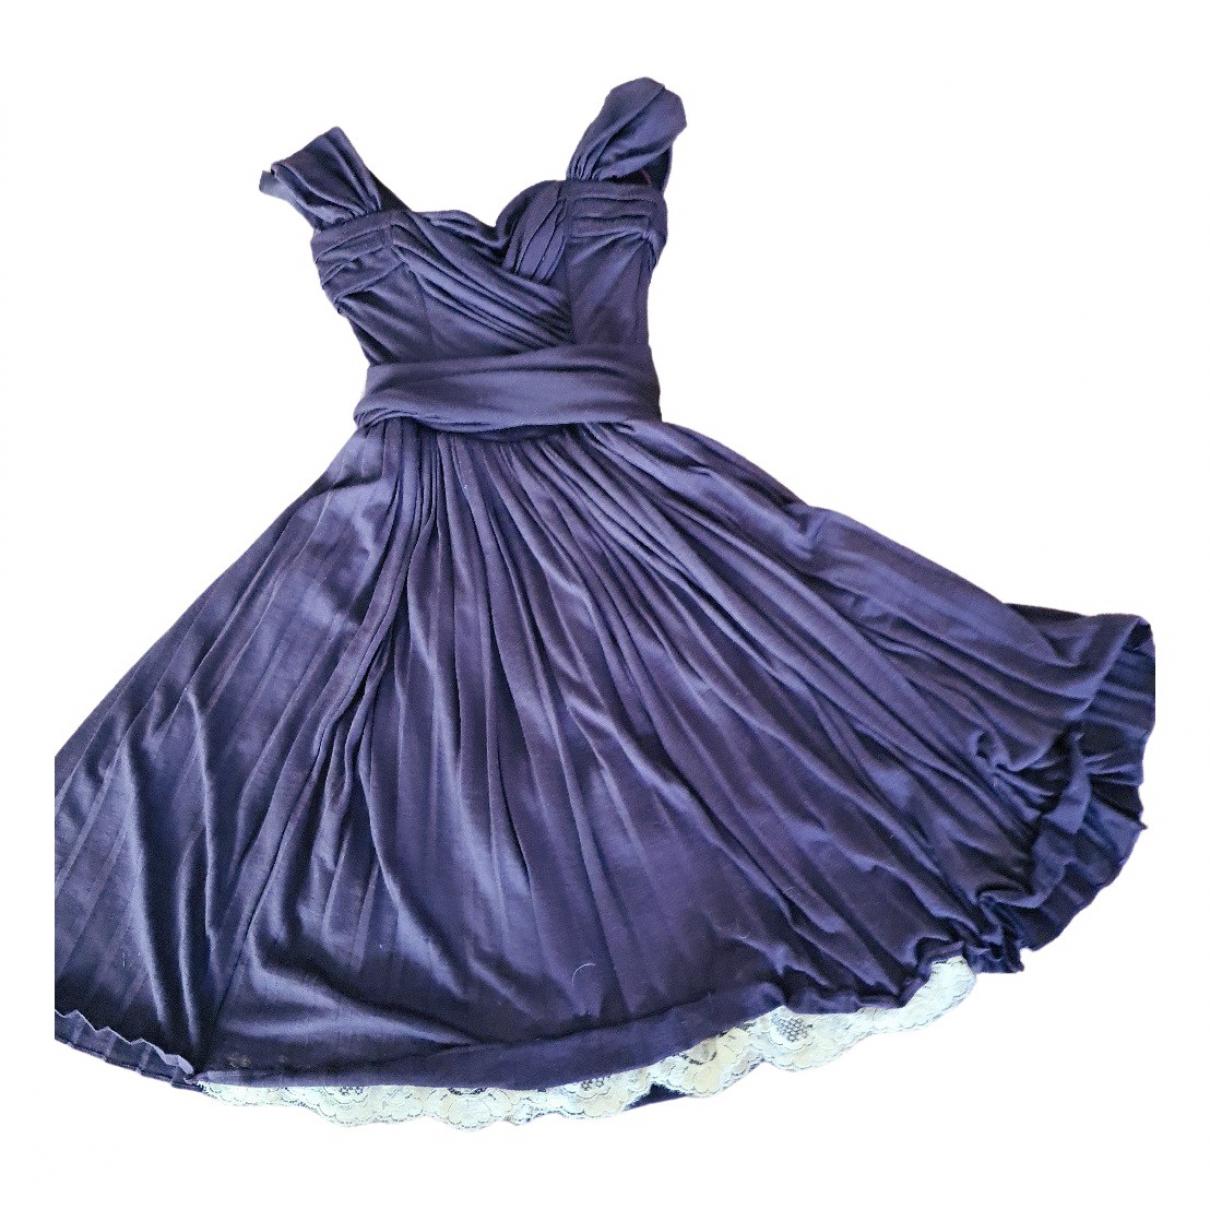 Dolce & Gabbana \N Kleid in  Lila Wolle